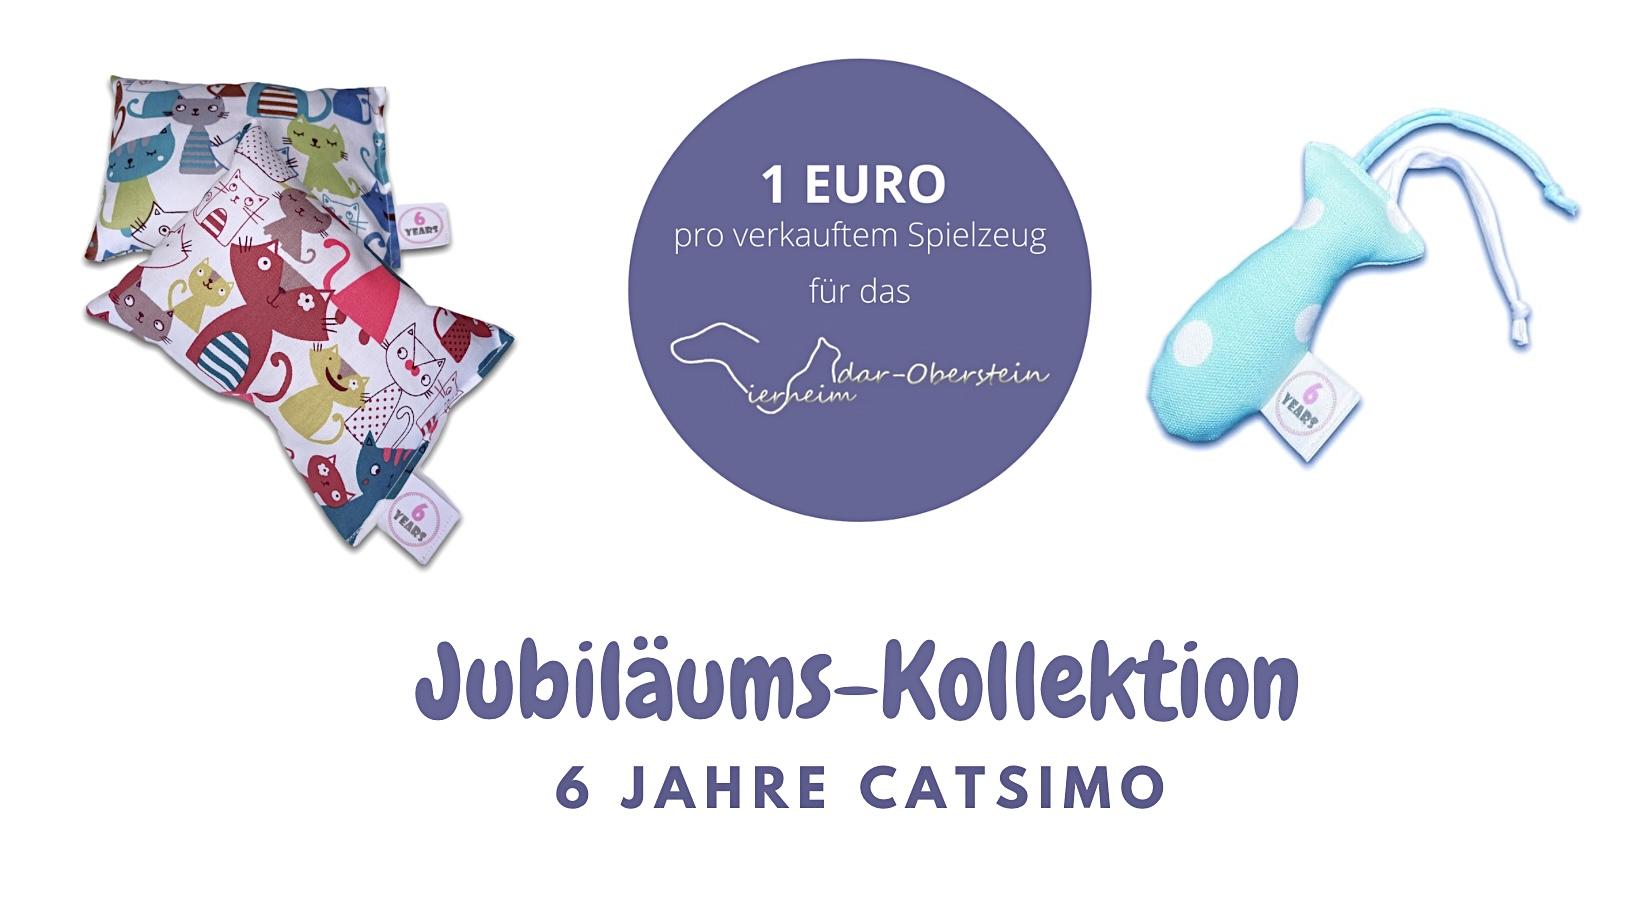 Jubiläums-Kollektion